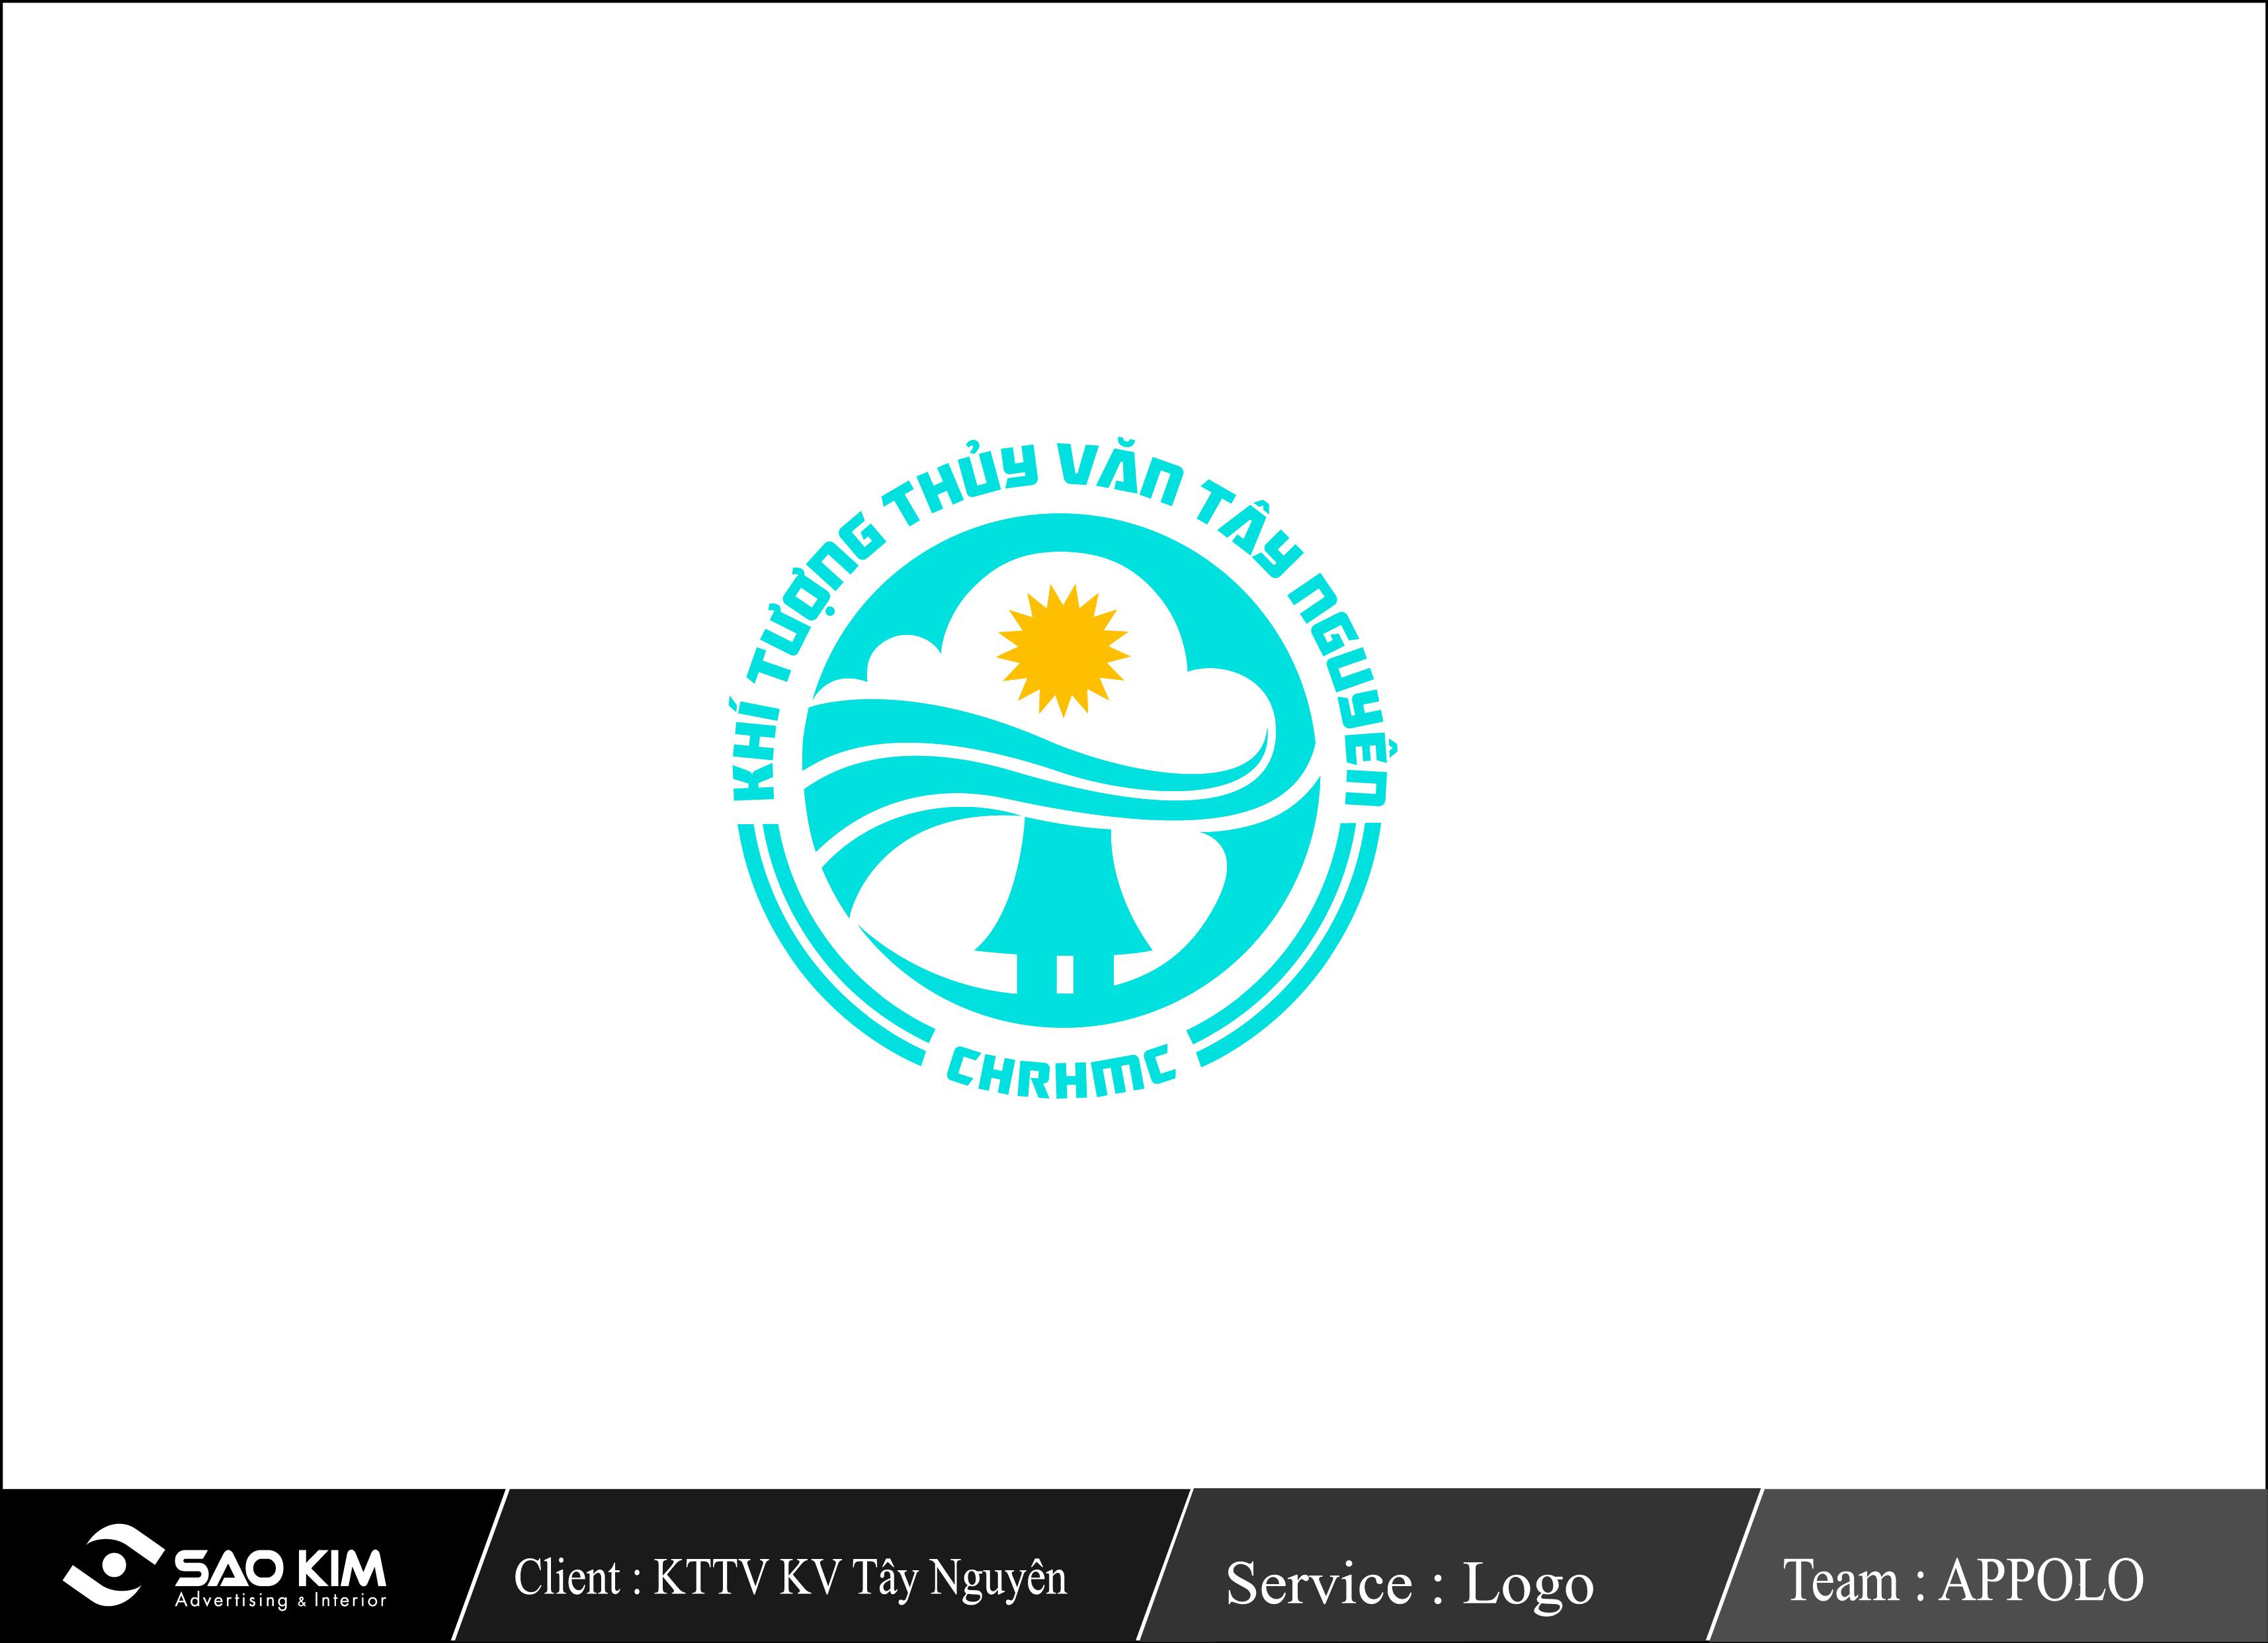 Thiết kế logo cho đài khí tượng thủy văn khu vực Tây Nguyên tại Đắk Lắk, Lâm Đồng